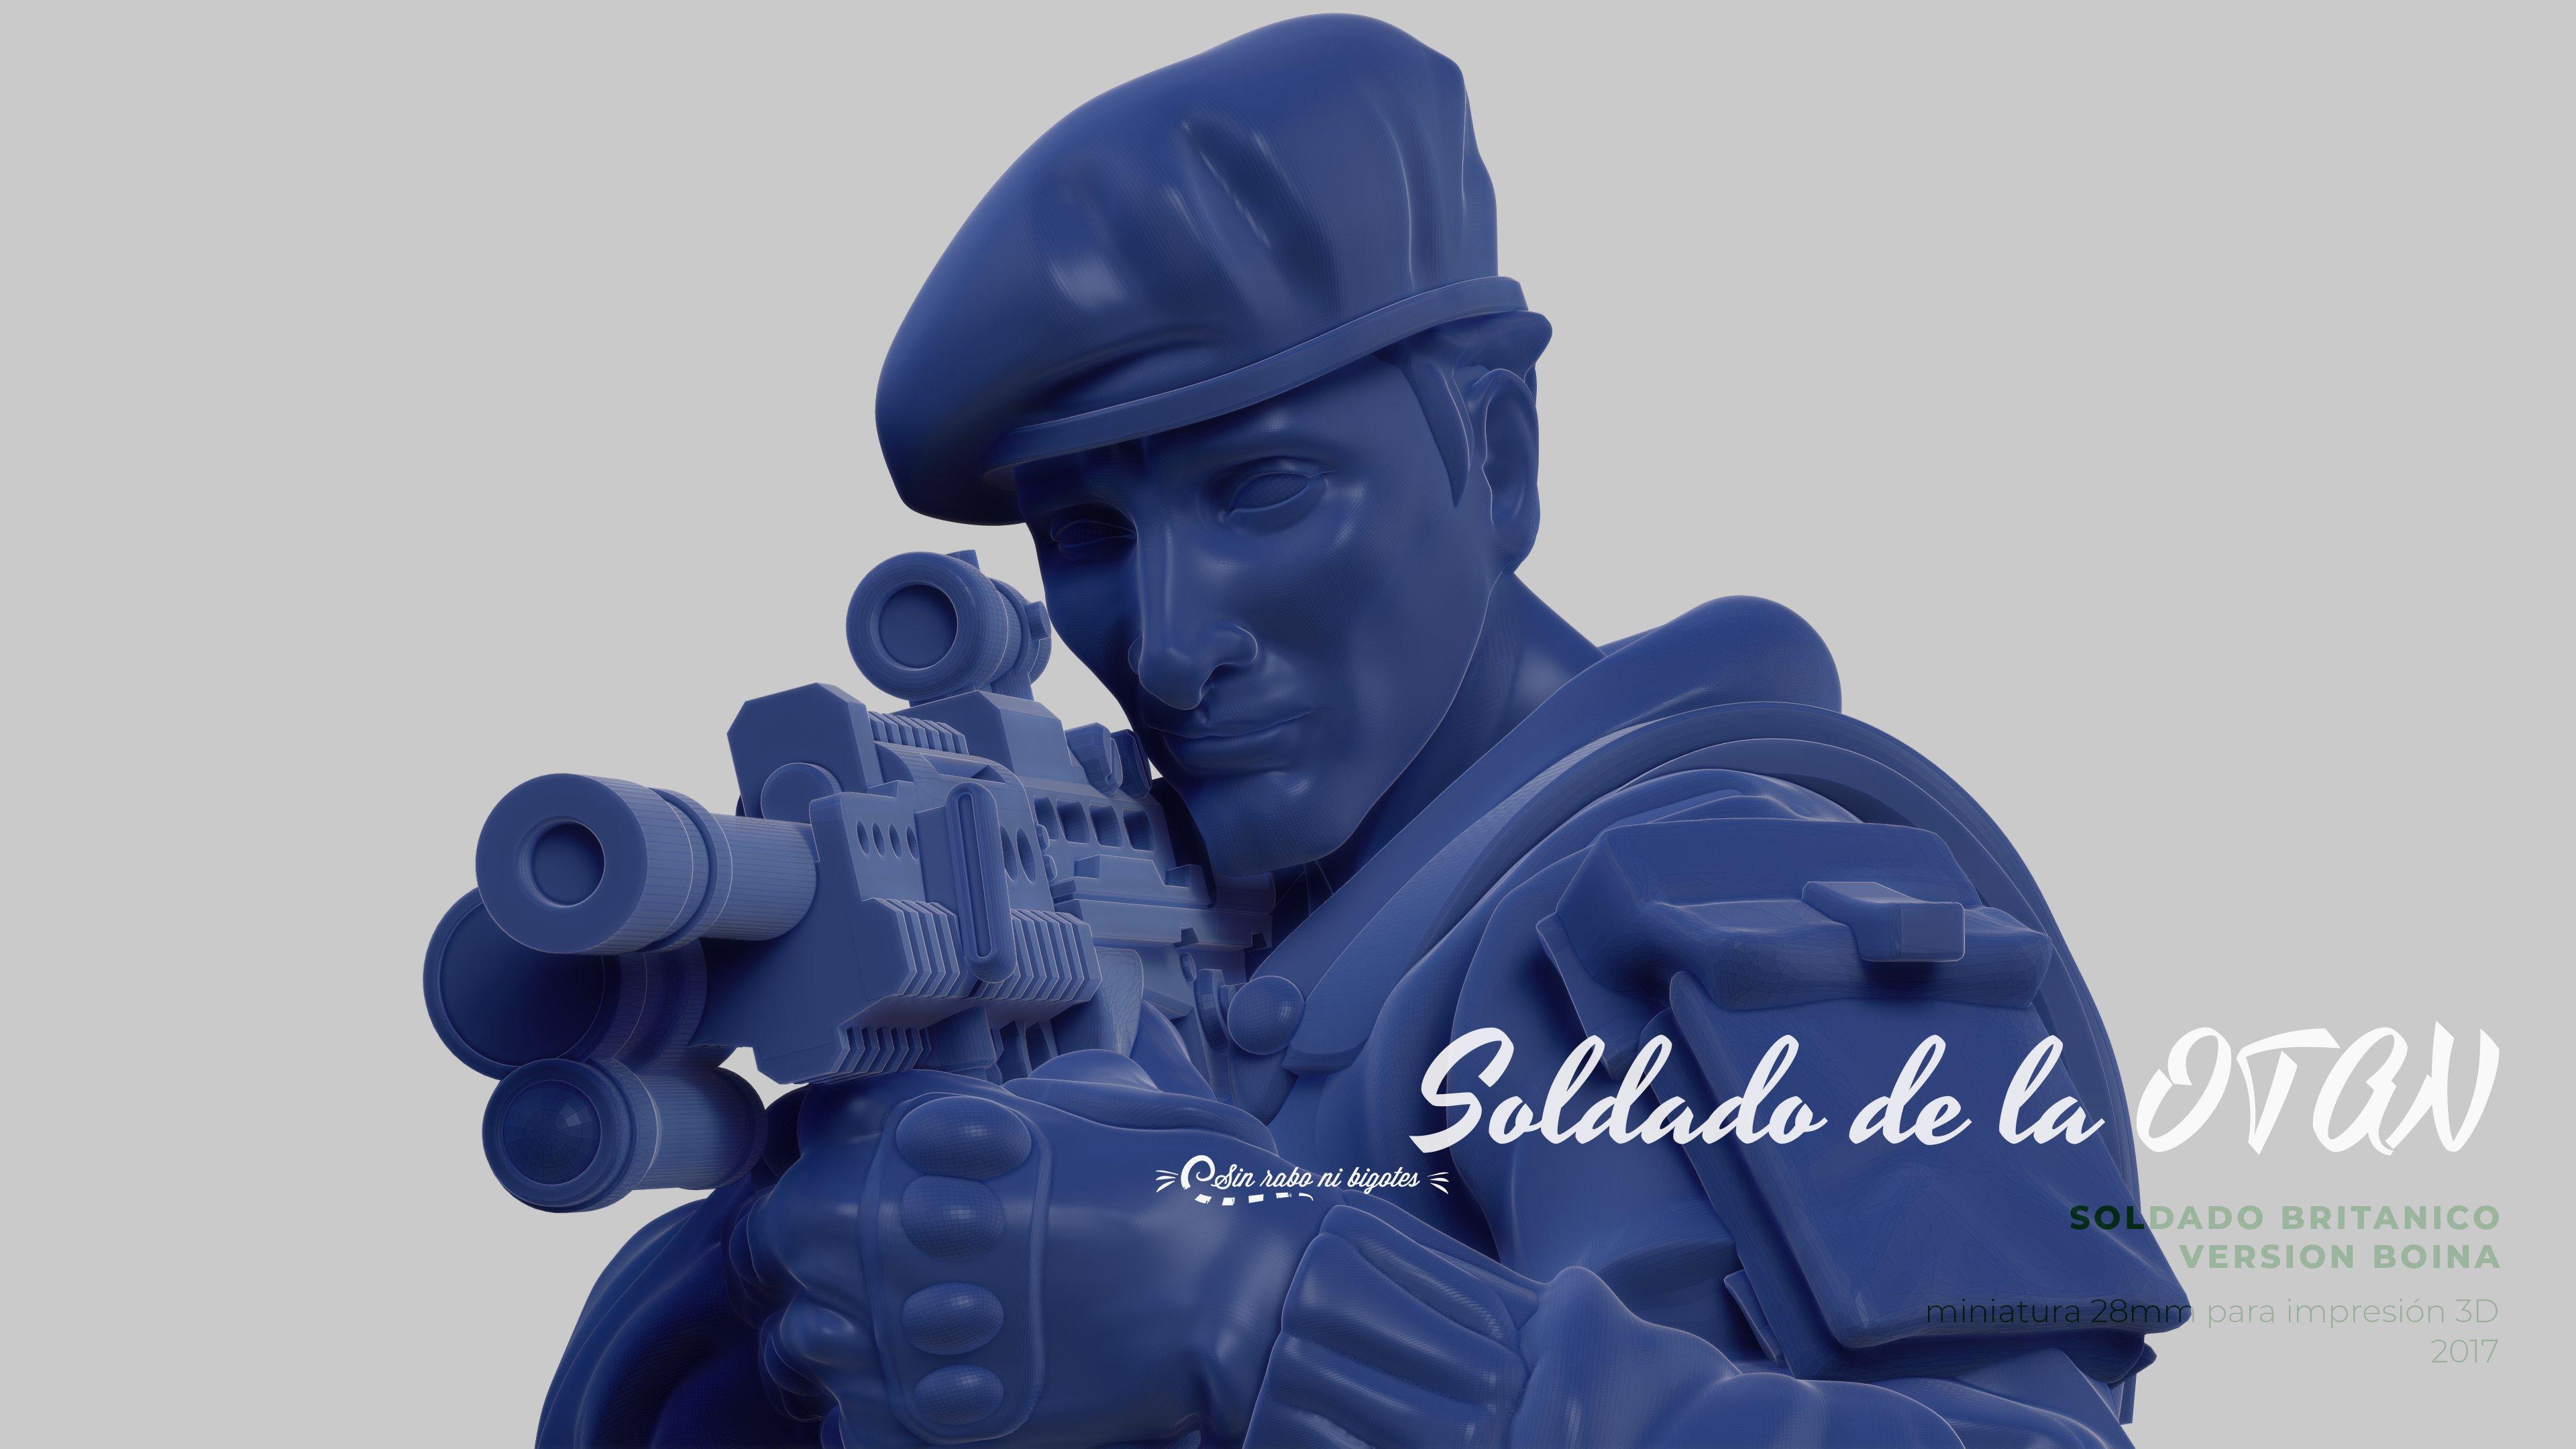 miniatura soldado de la otan